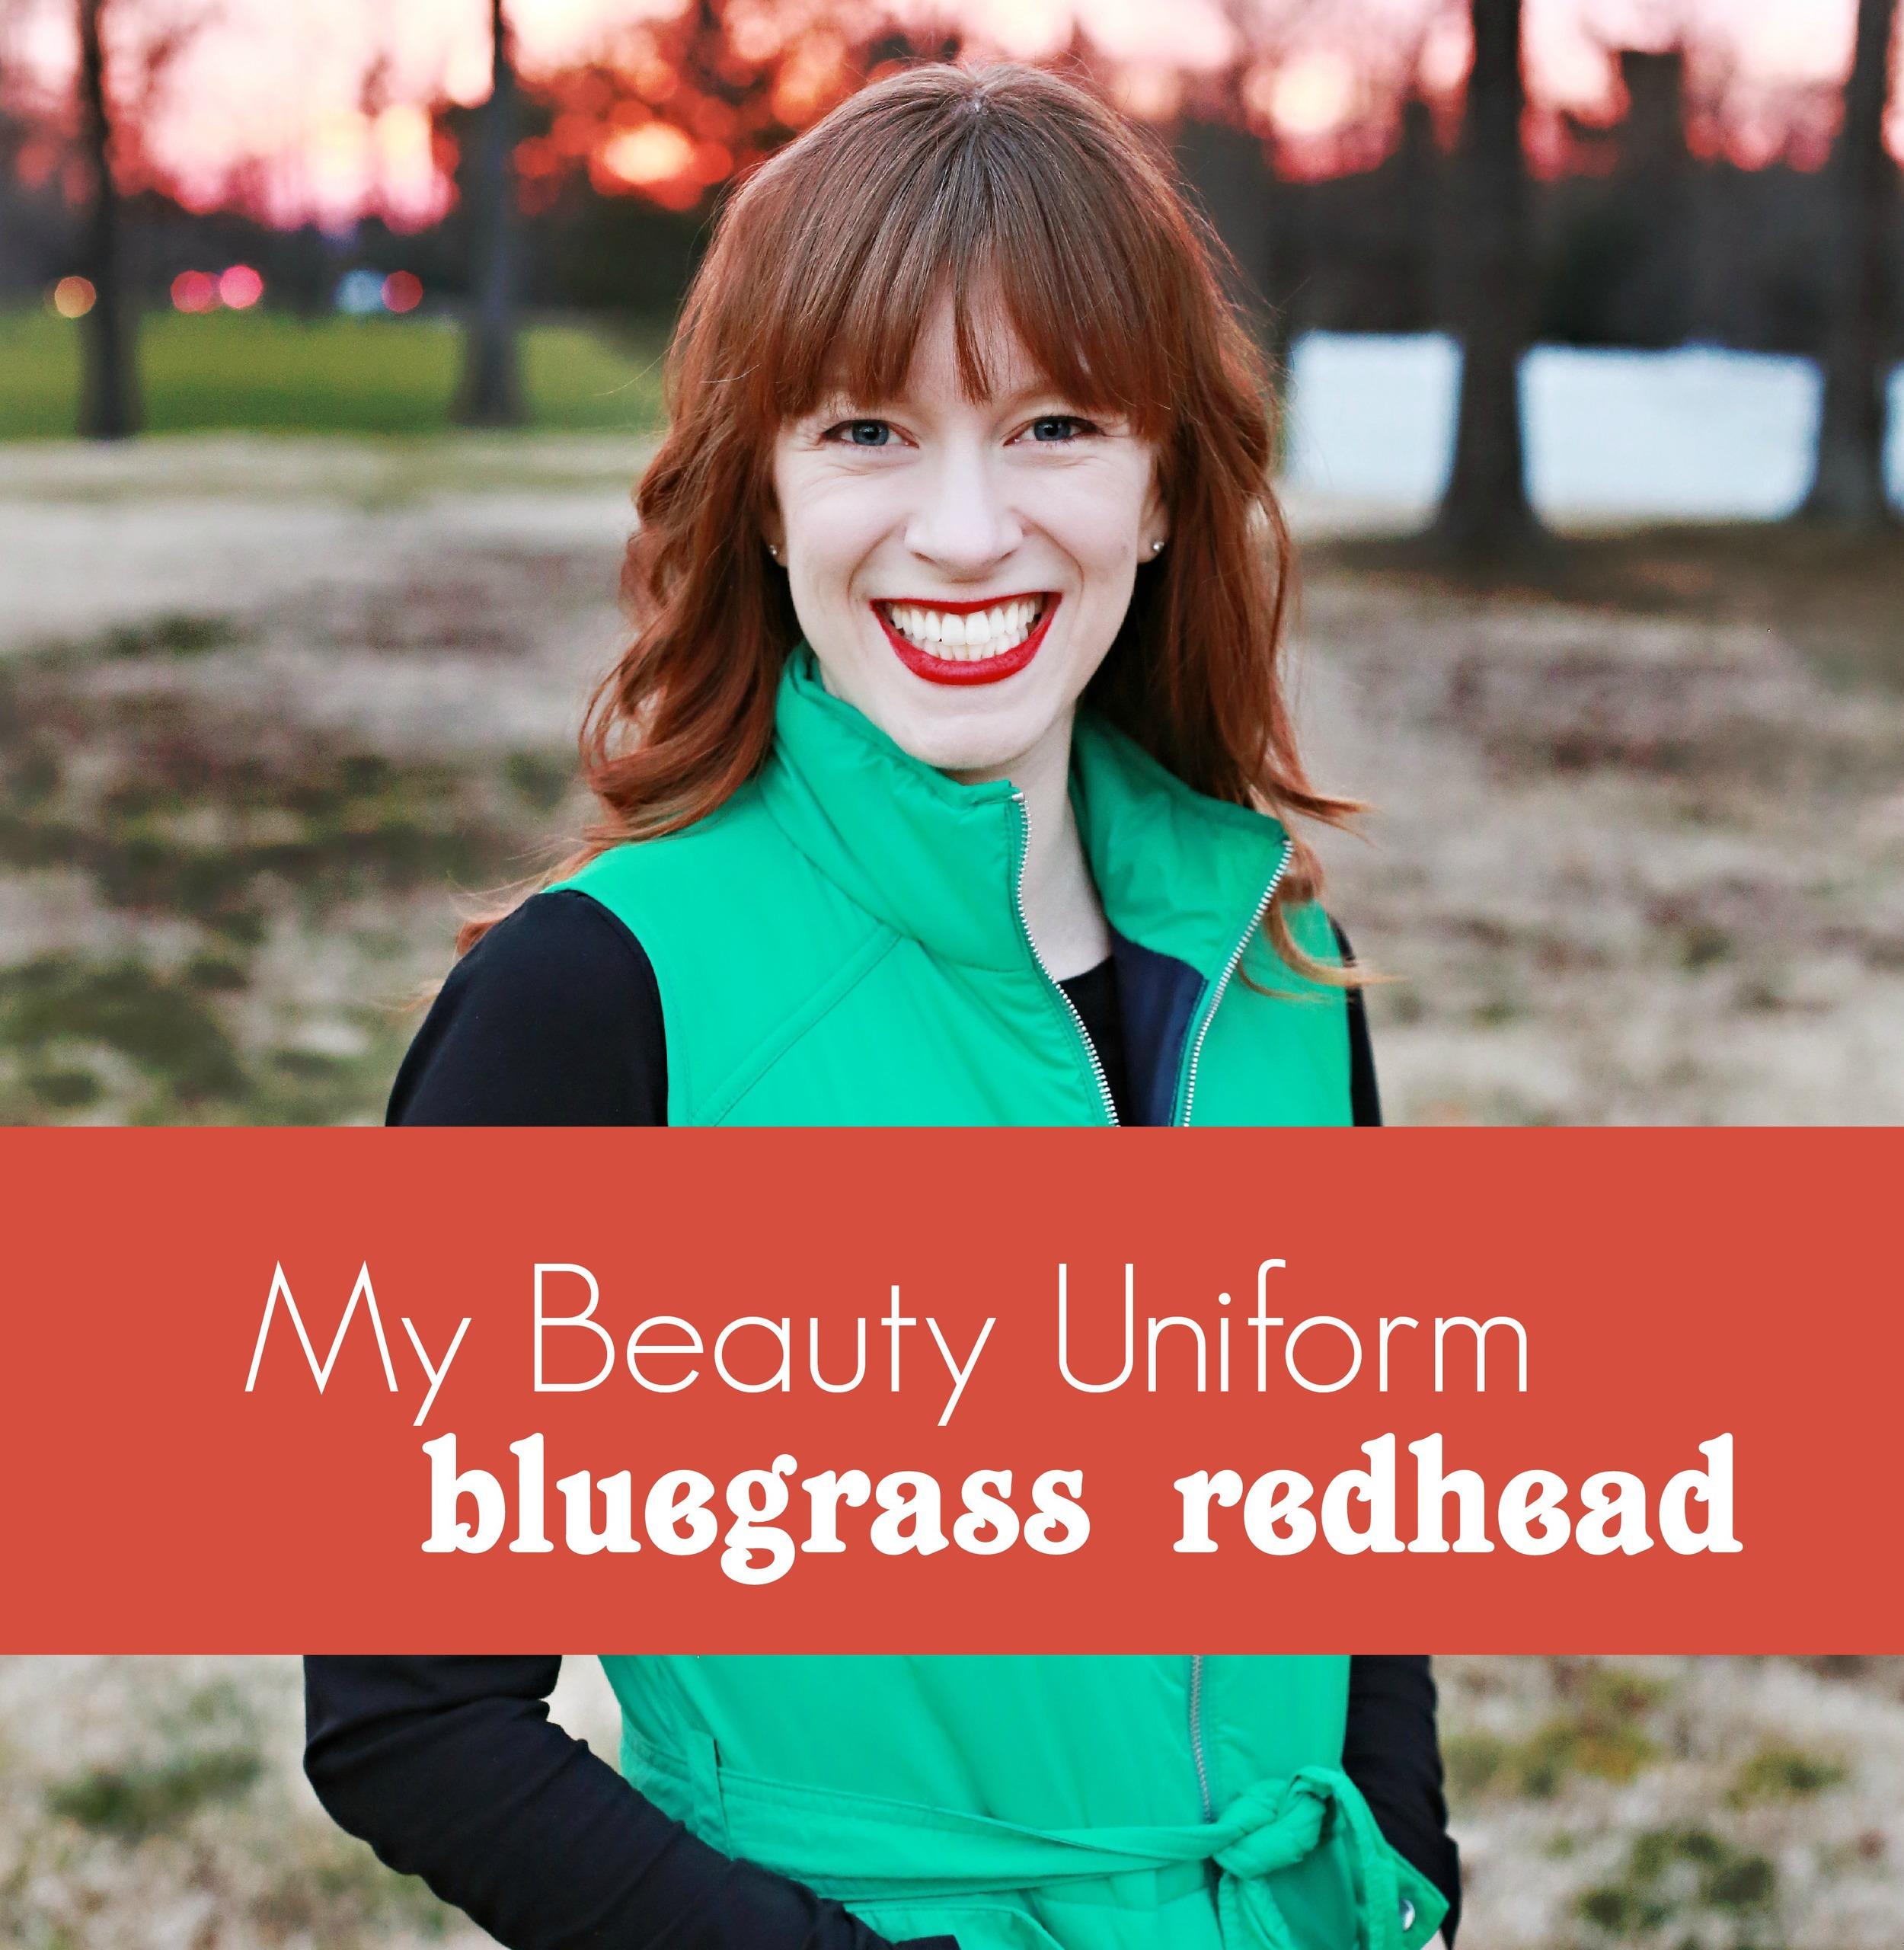 my-beauty-uniform-bluegrassredhead.jpg